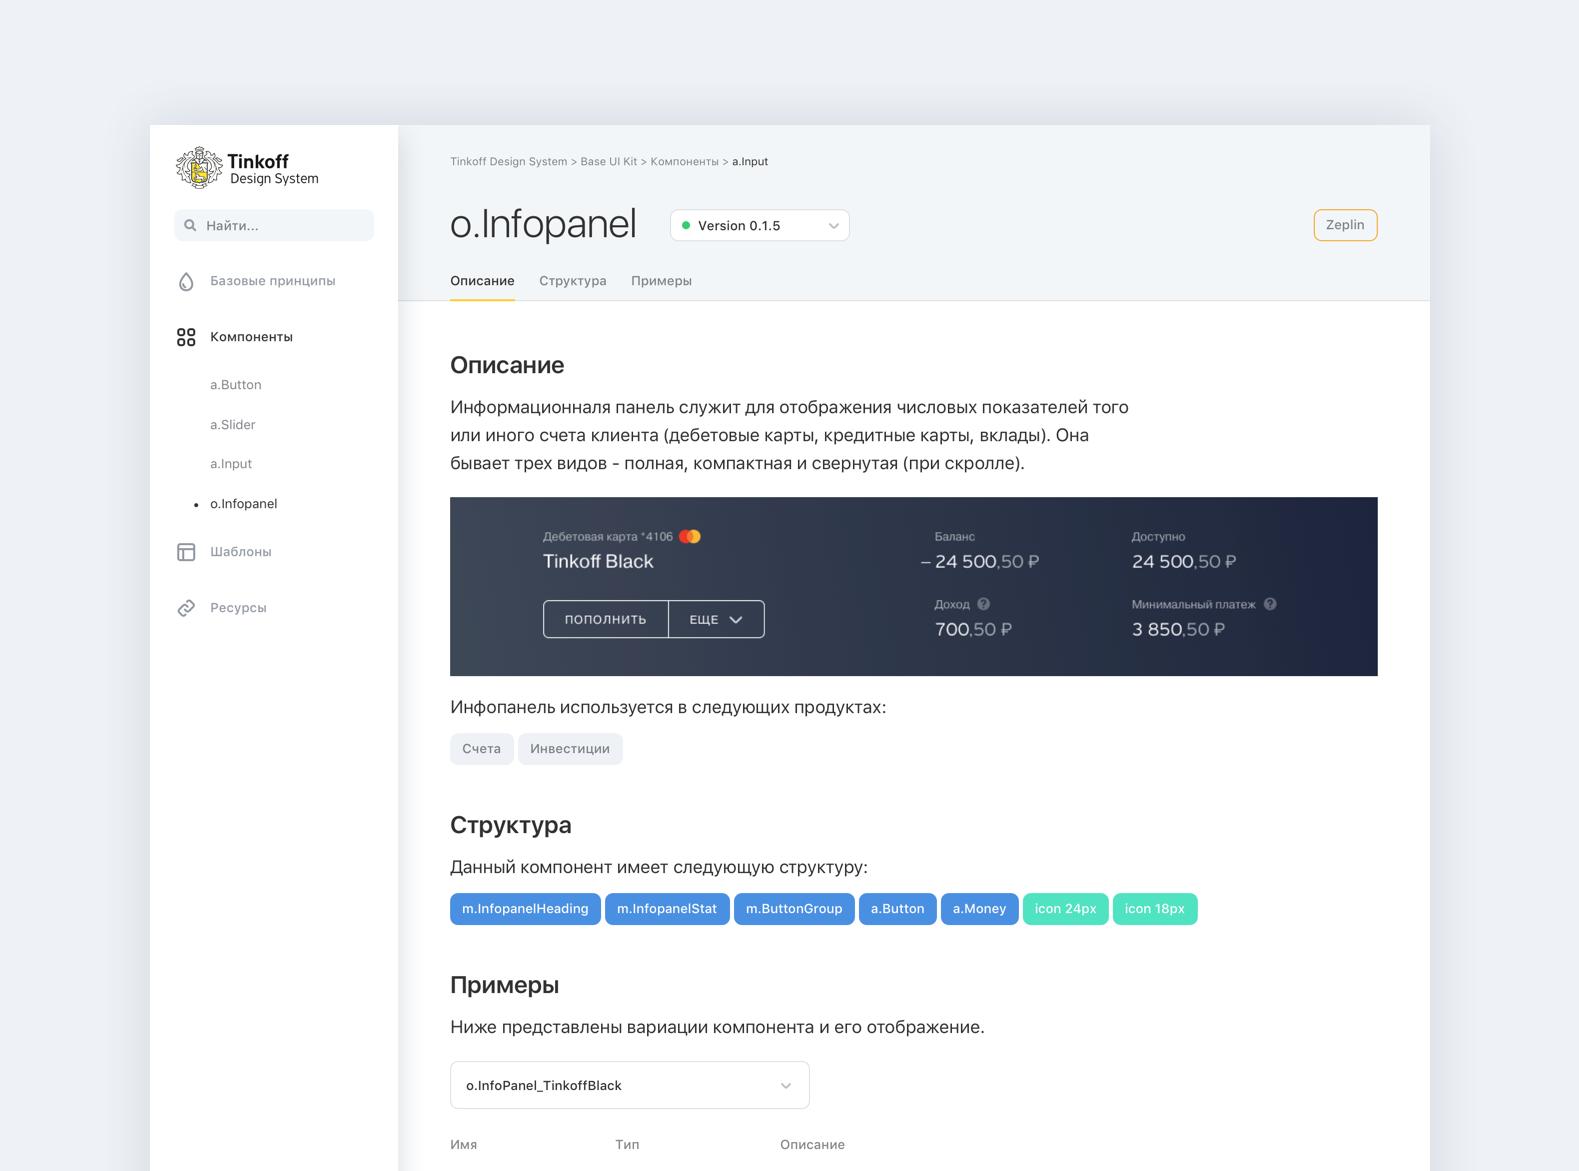 Создание Tinkoff Design System. UI Kit, версионирование и витрина компонентов